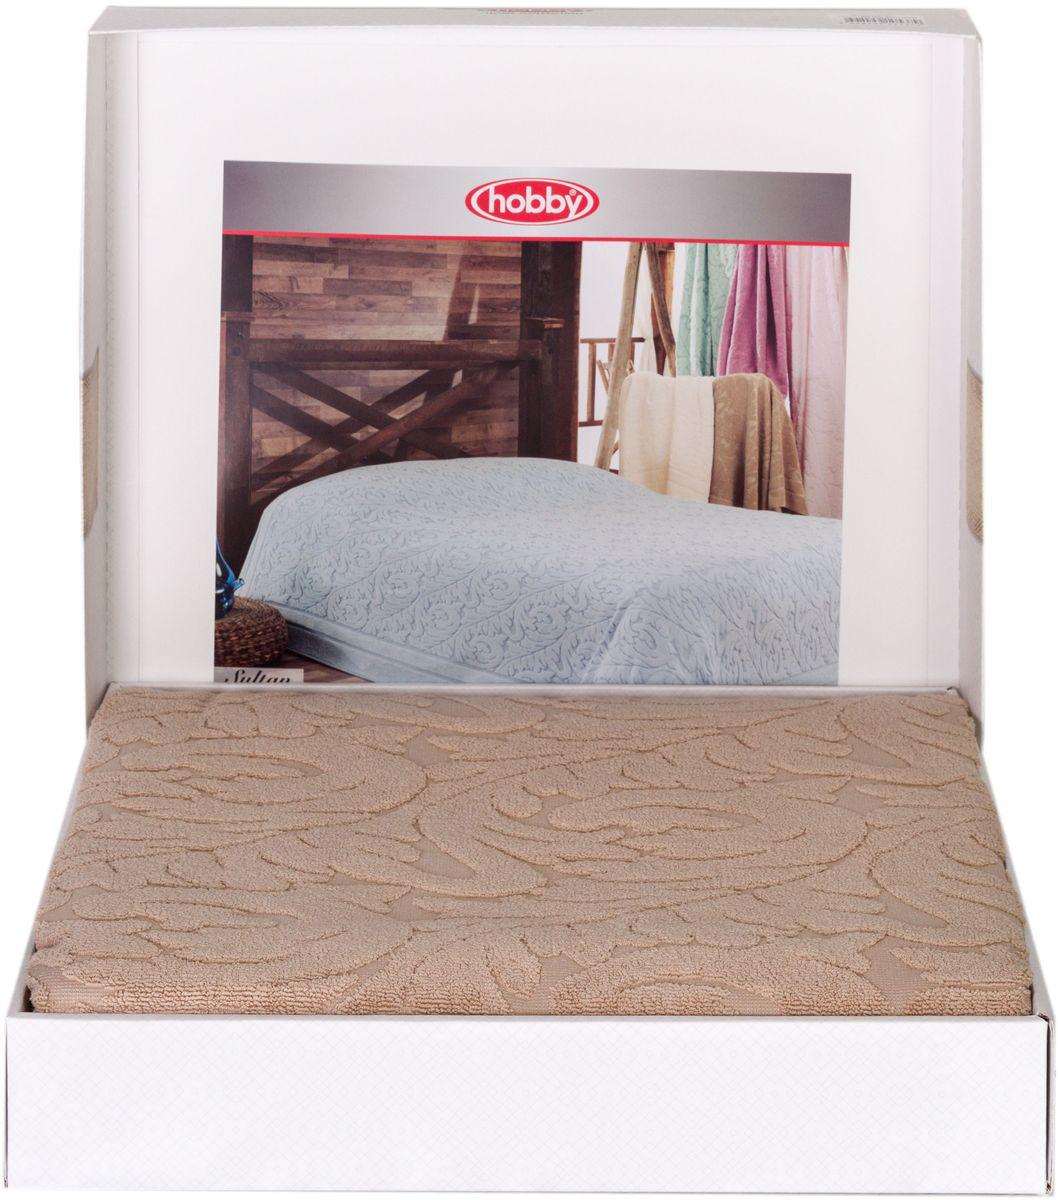 Покрывало Hobby Home Collection Sultan, цвет: бежевый, 160 х 200 см1501001001Шикарное покрывало Hobby Home Collection Sultan изготовлено из 100% хлопка высшей категории. Оно обладает замечательными дышащими свойствами и будет хорошо смотреться как на диване, так и на большой кровати. Данное покрывало можно также использовать в качестве одеяла.